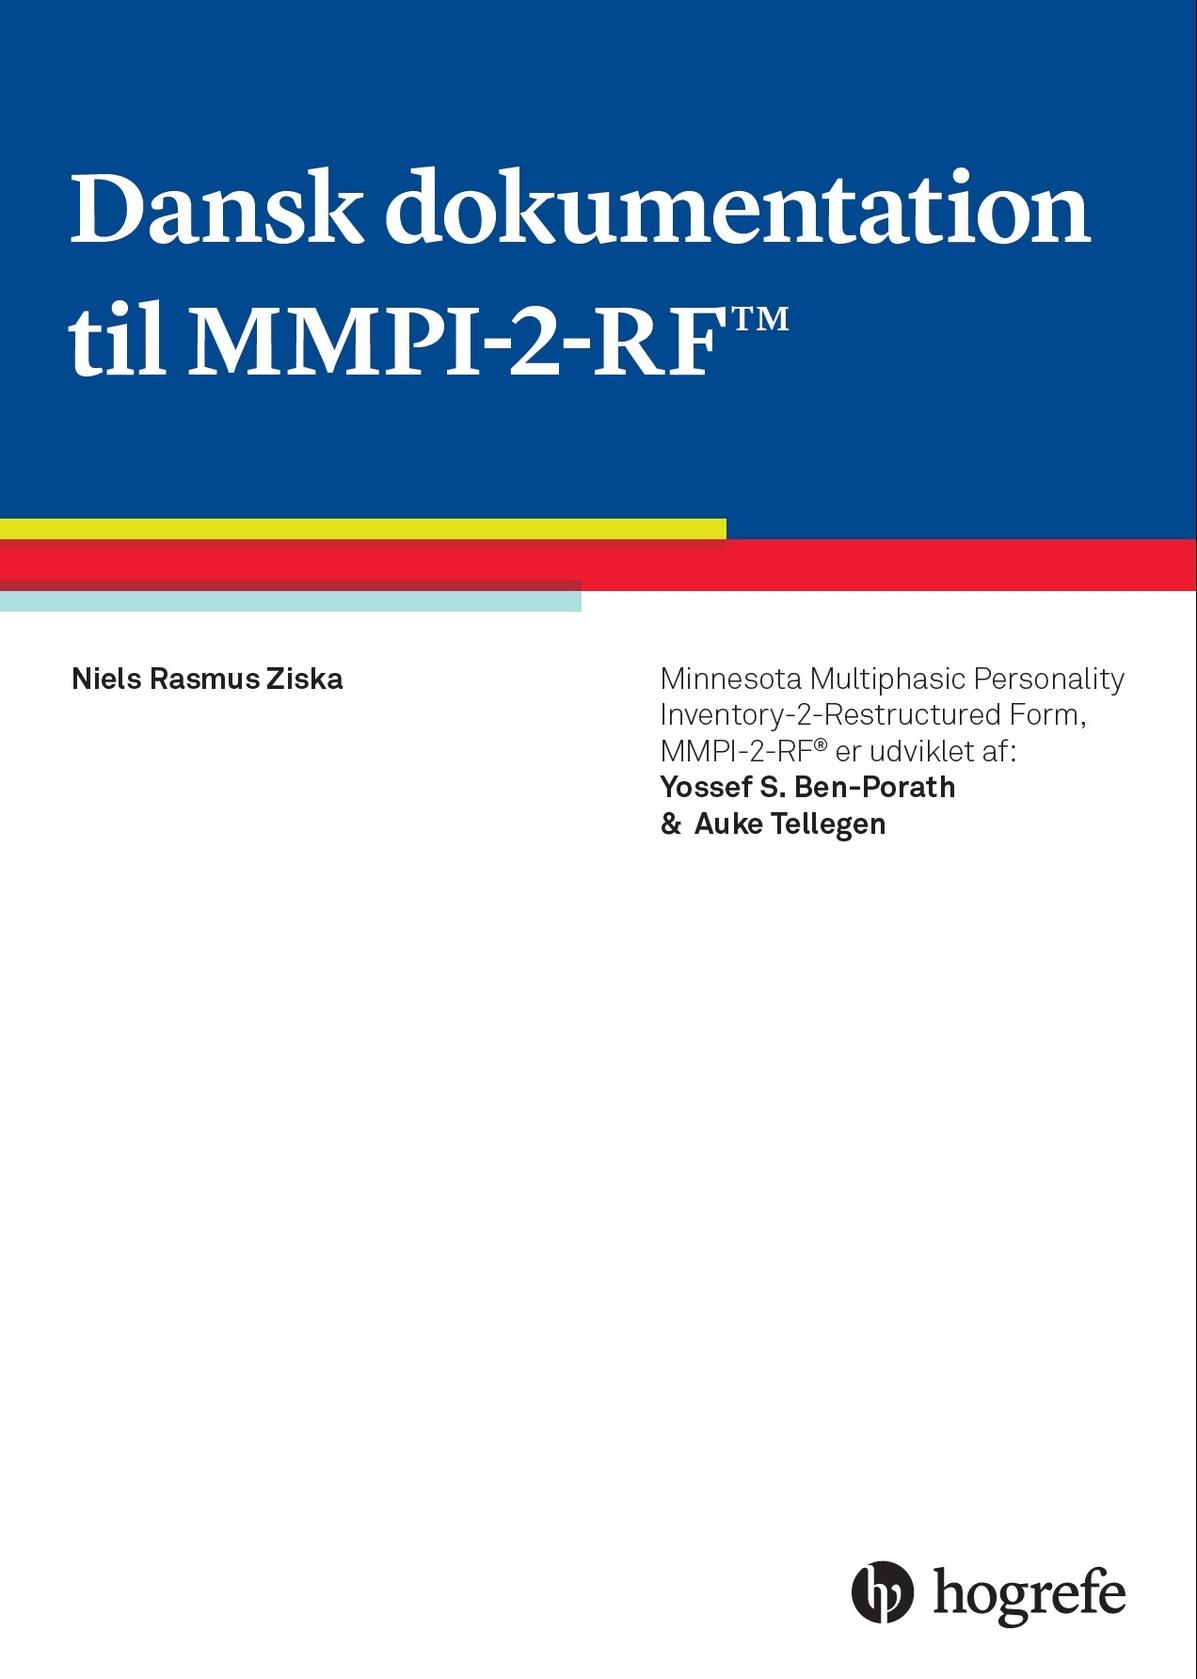 MMPI-2-RF HTS 5